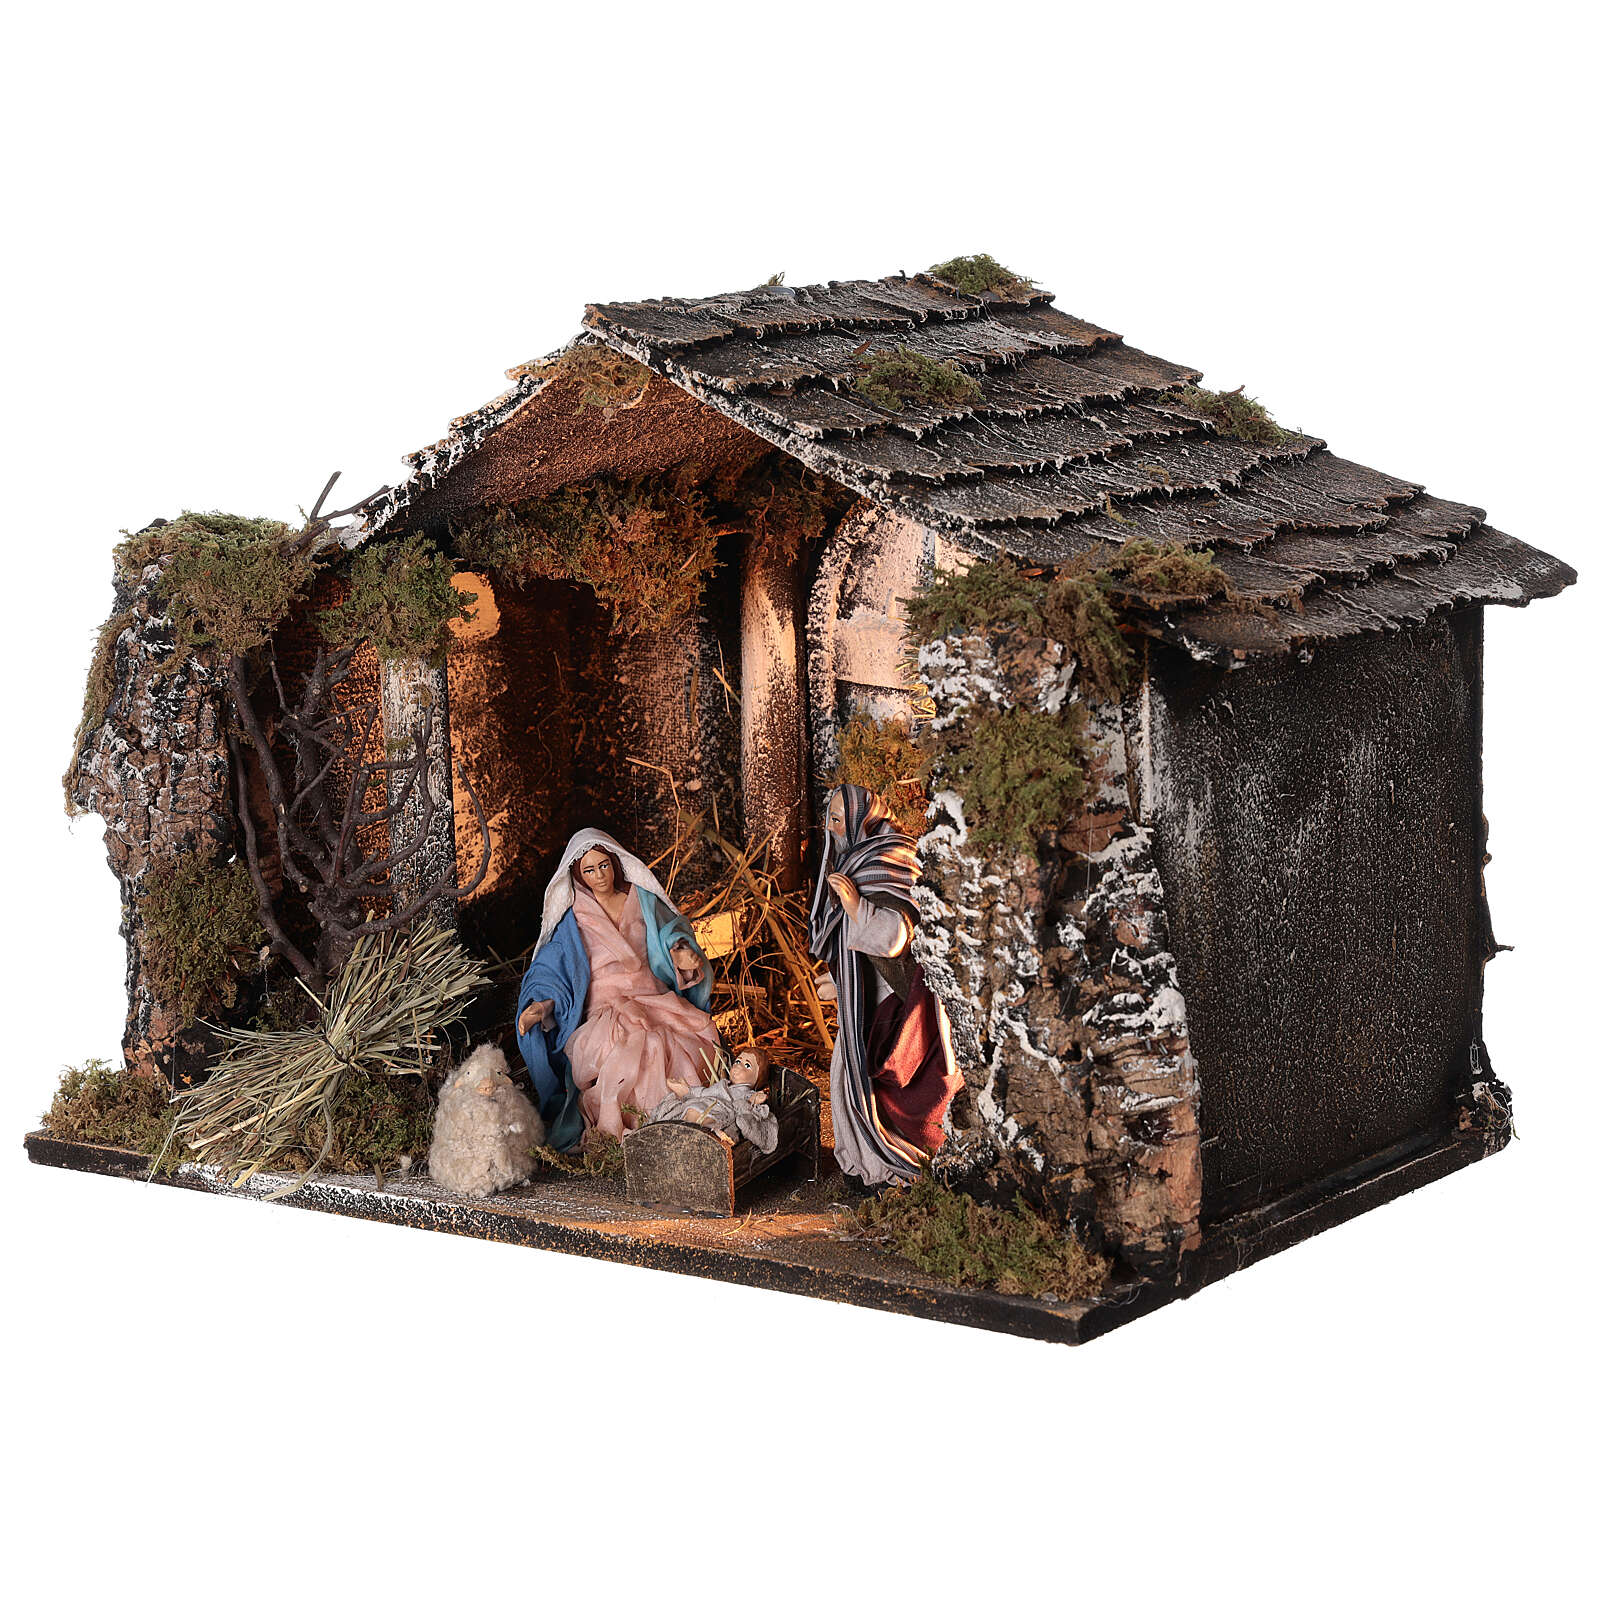 Cabane Nativité éclairée santons terre cuite 14 cm crèche napolitaine 30x40x30 cm 4